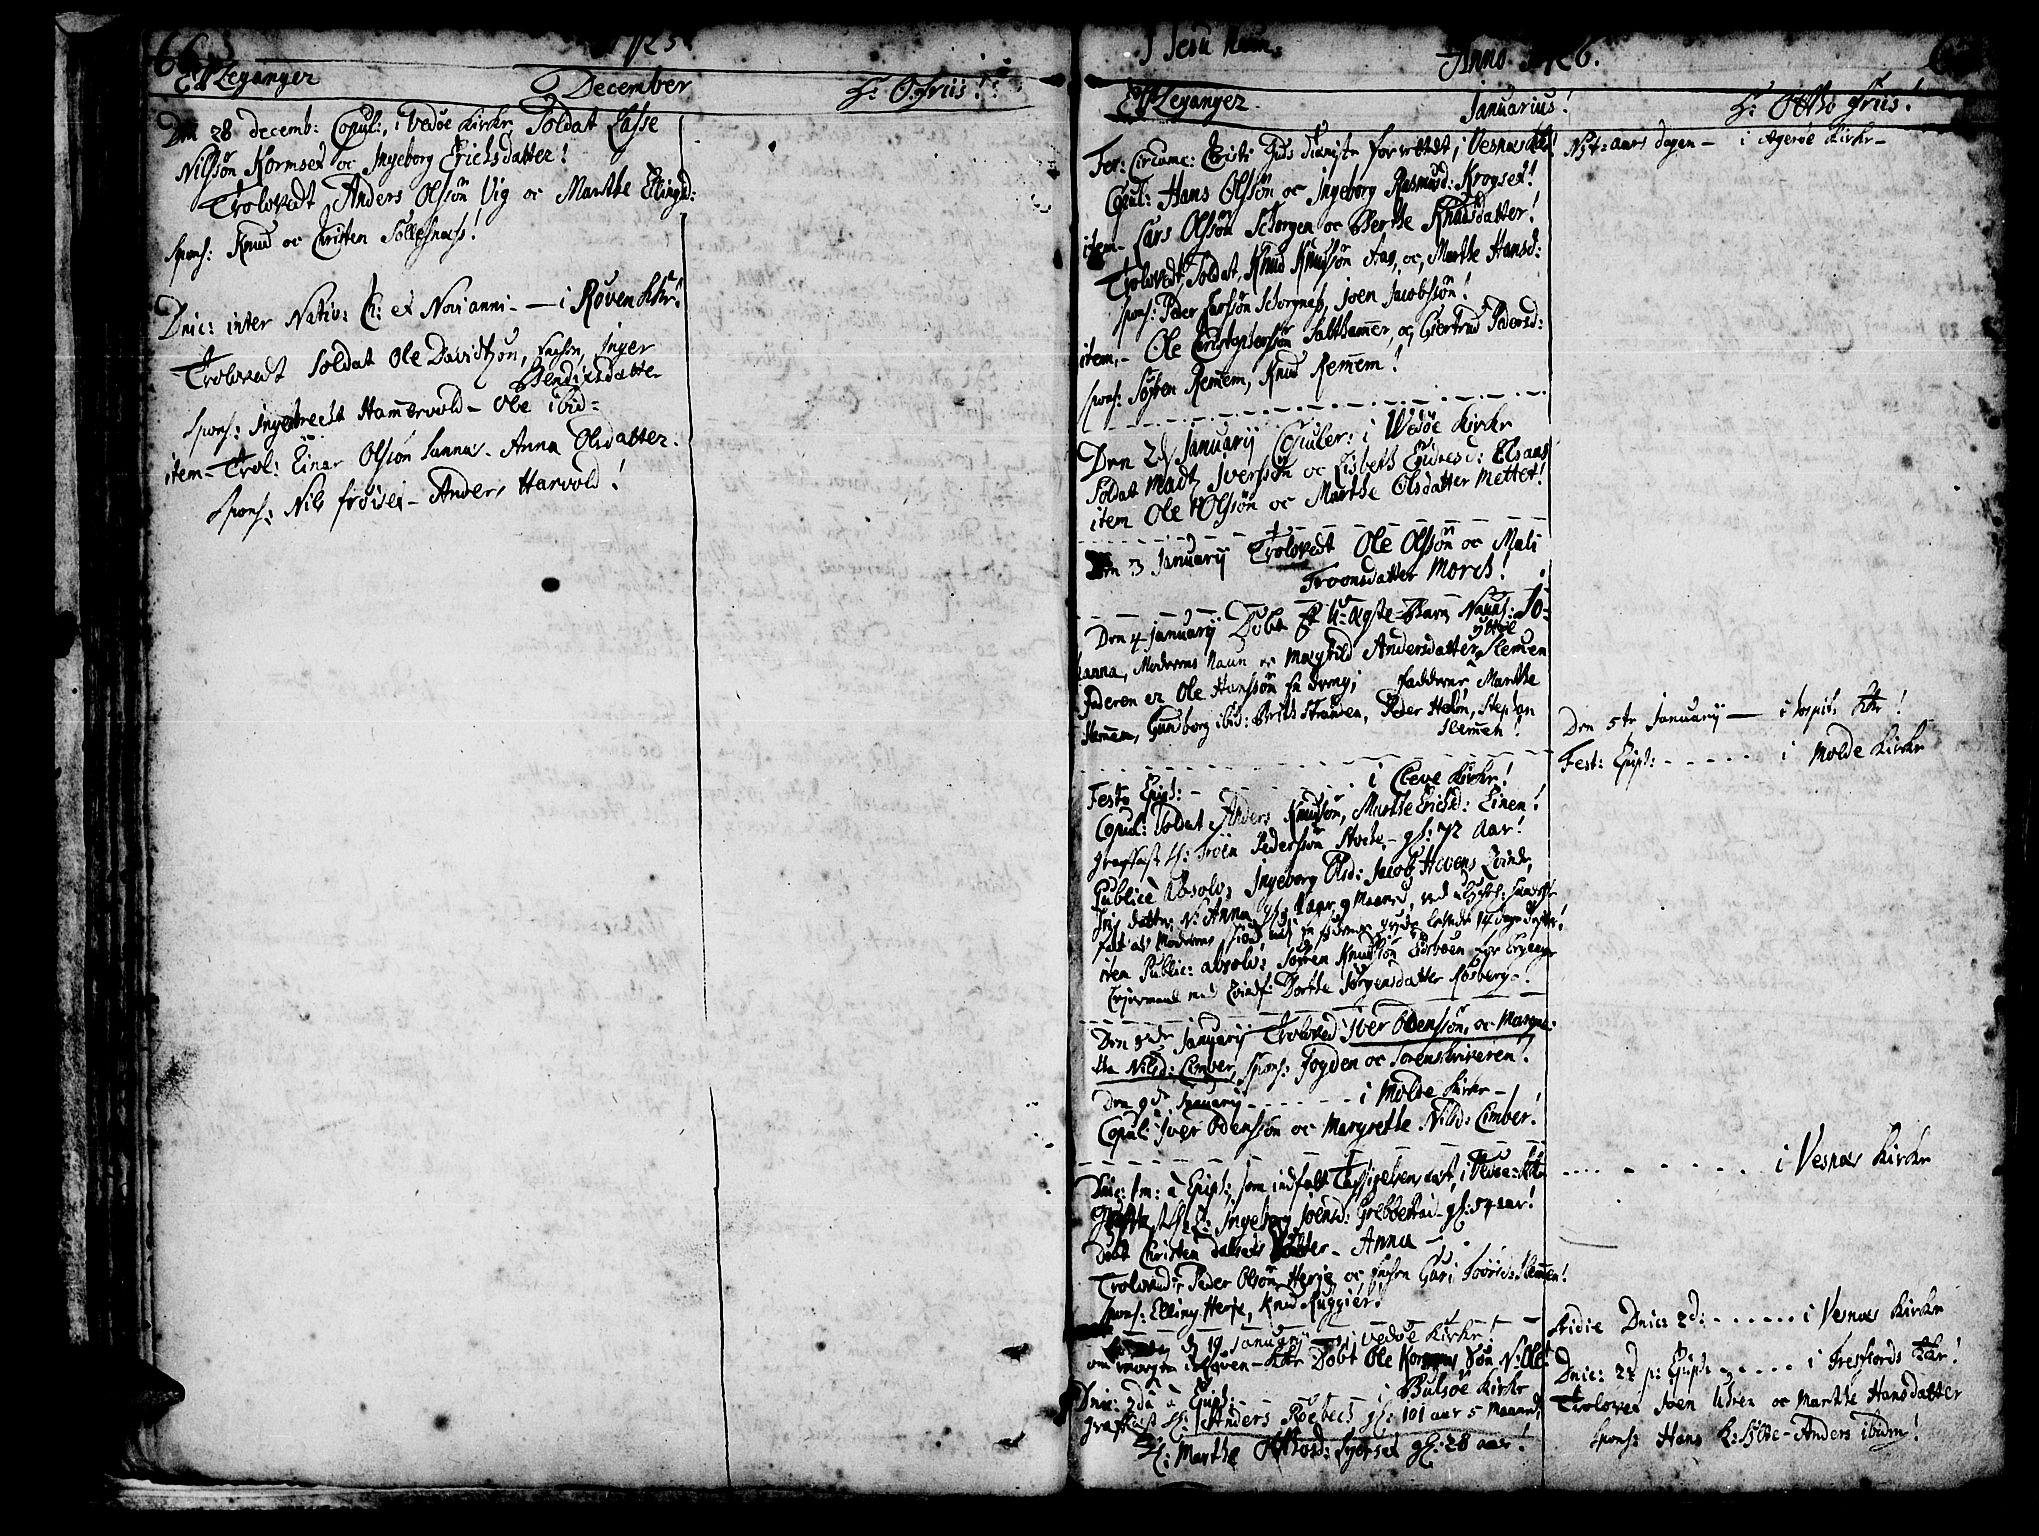 SAT, Ministerialprotokoller, klokkerbøker og fødselsregistre - Møre og Romsdal, 547/L0599: Ministerialbok nr. 547A01, 1721-1764, s. 68-69